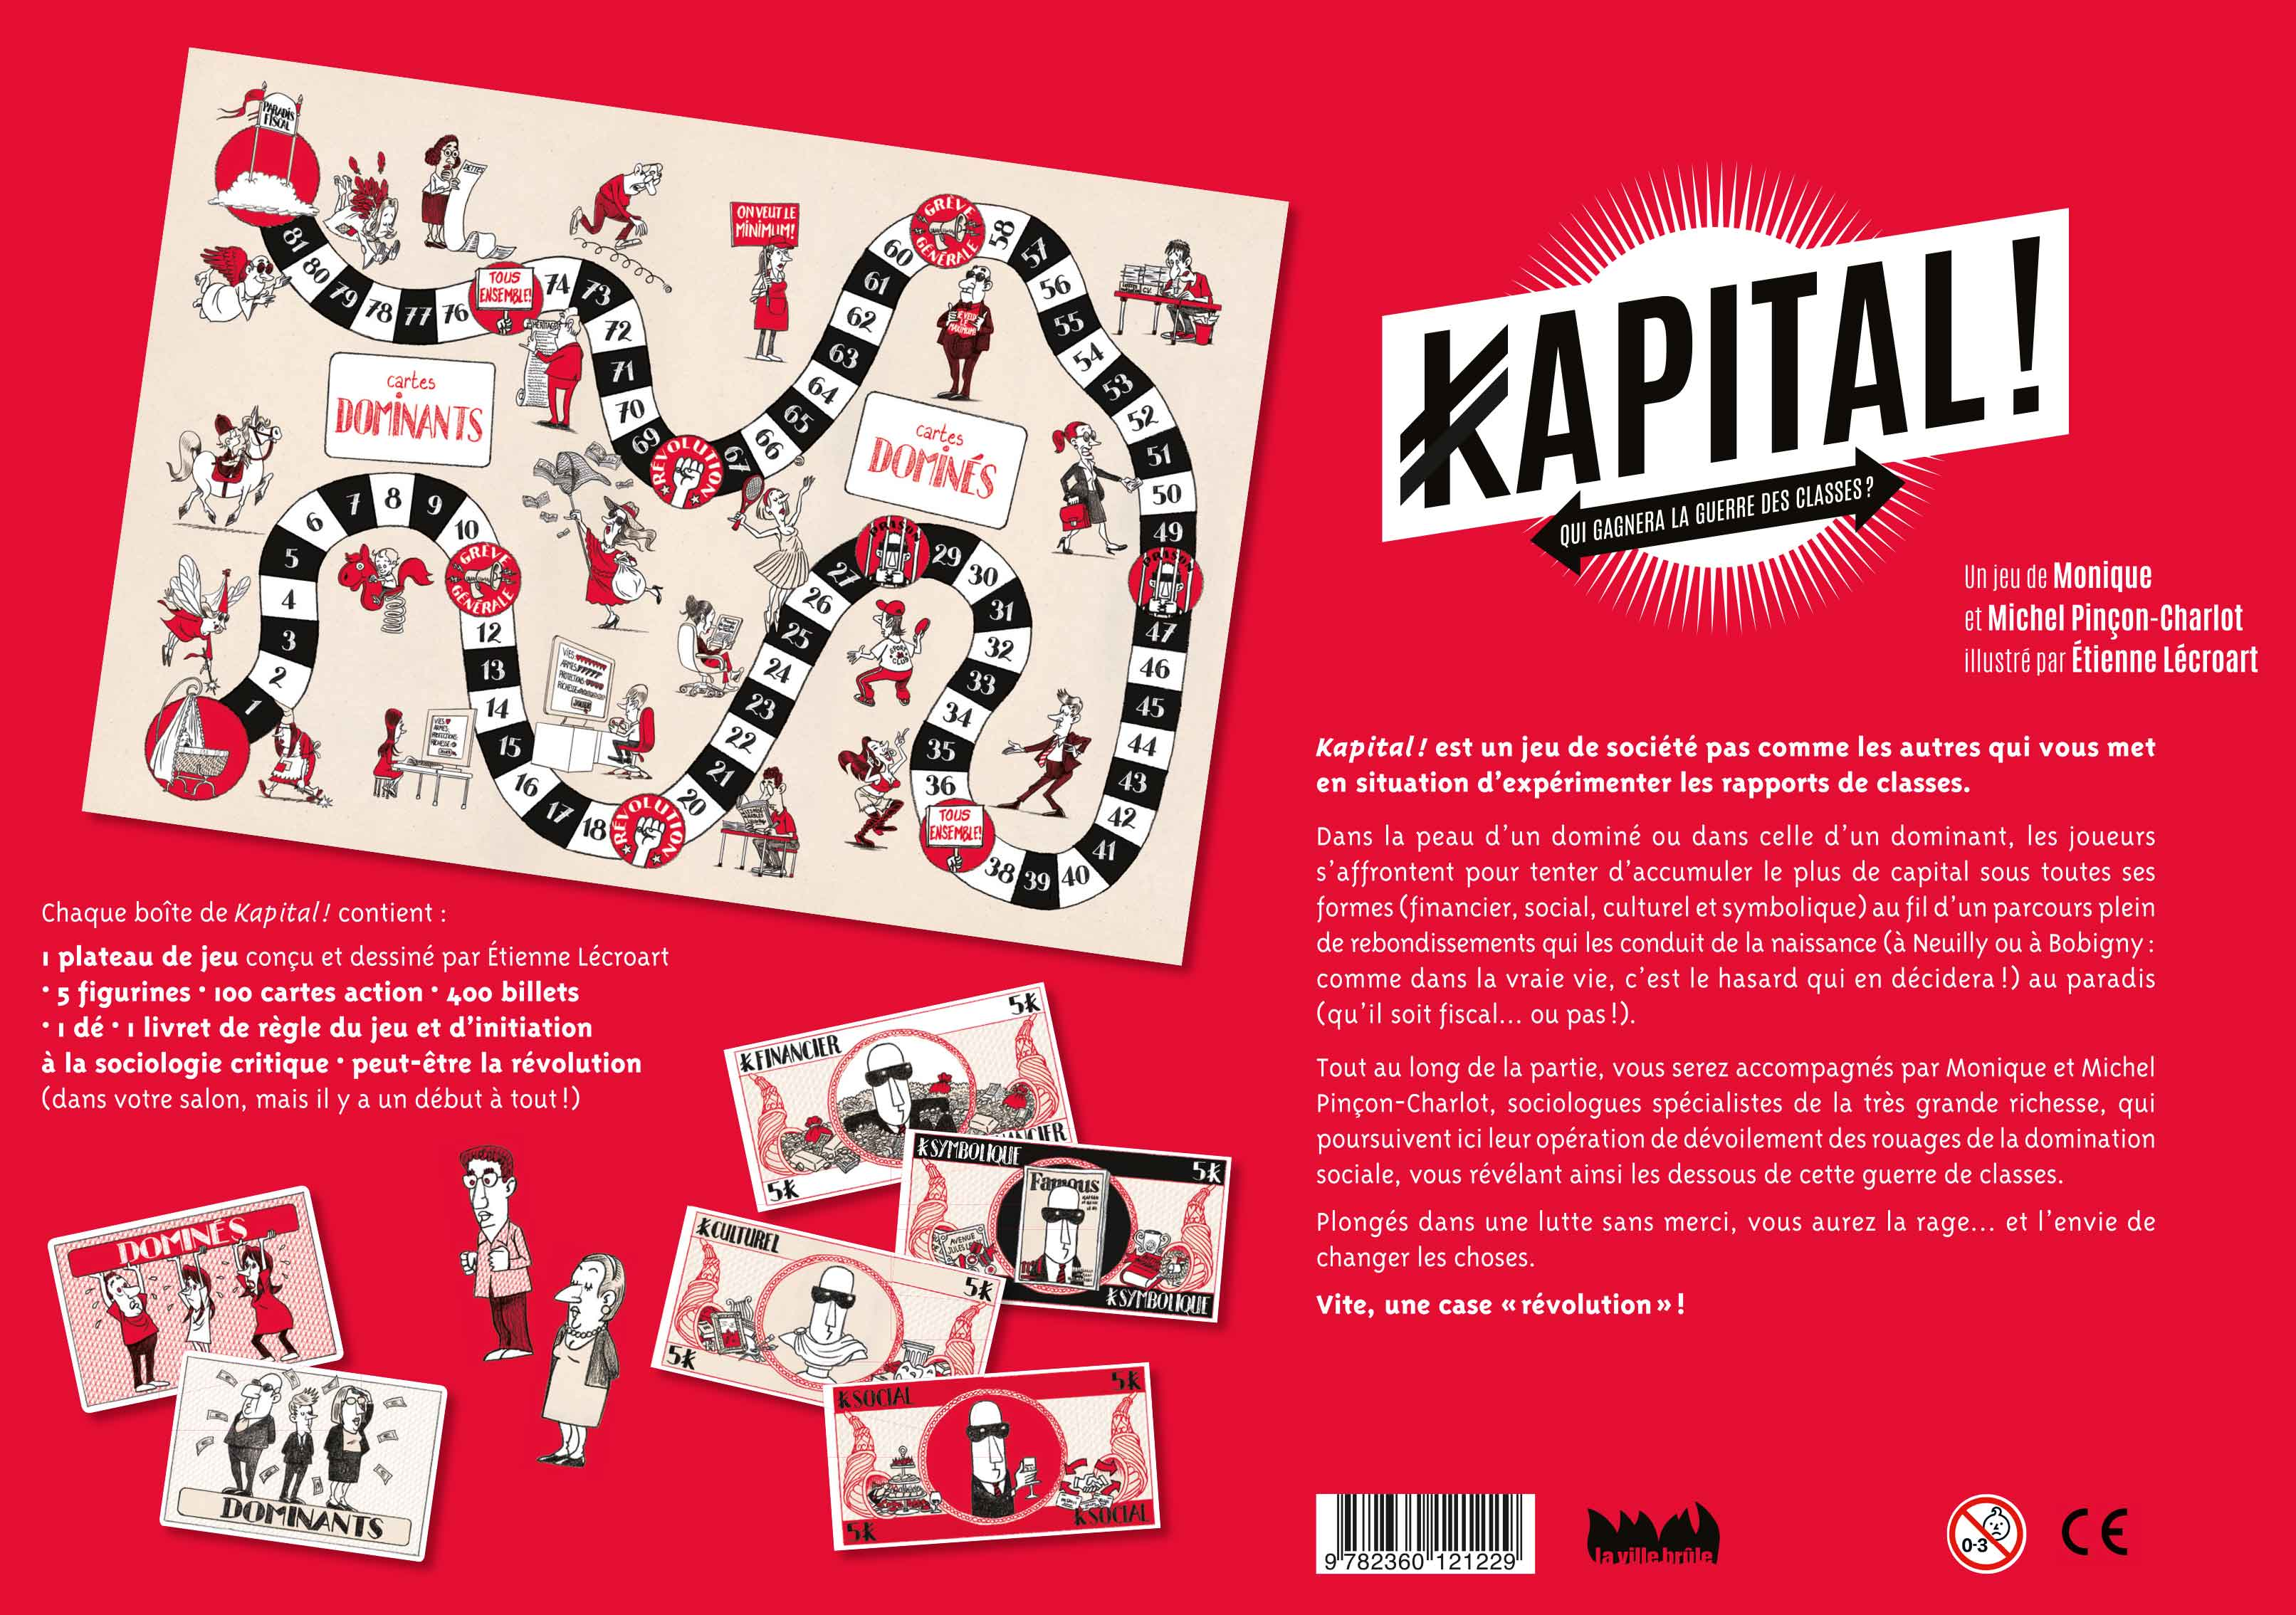 Kapital ! Gagnerez-vous la guerre des classes ?